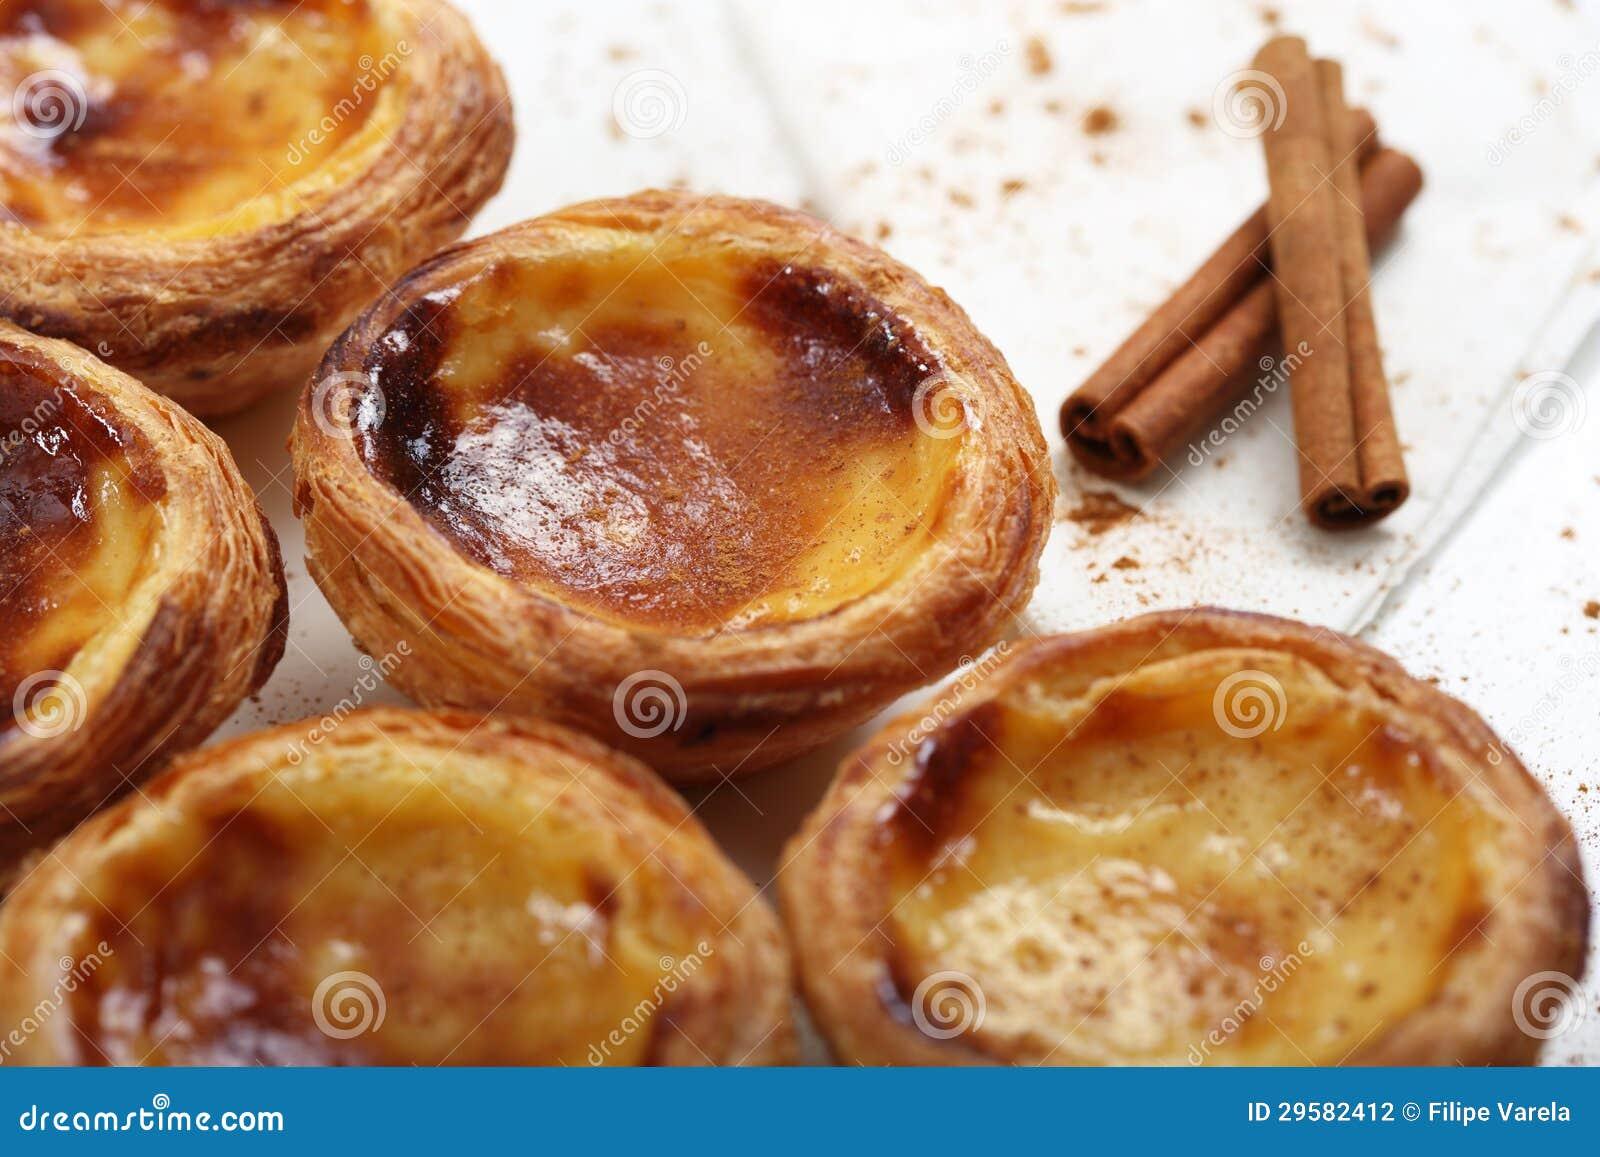 Traditionelle Portugiesische Kuchen Sahnekuchen Stockfoto Bild